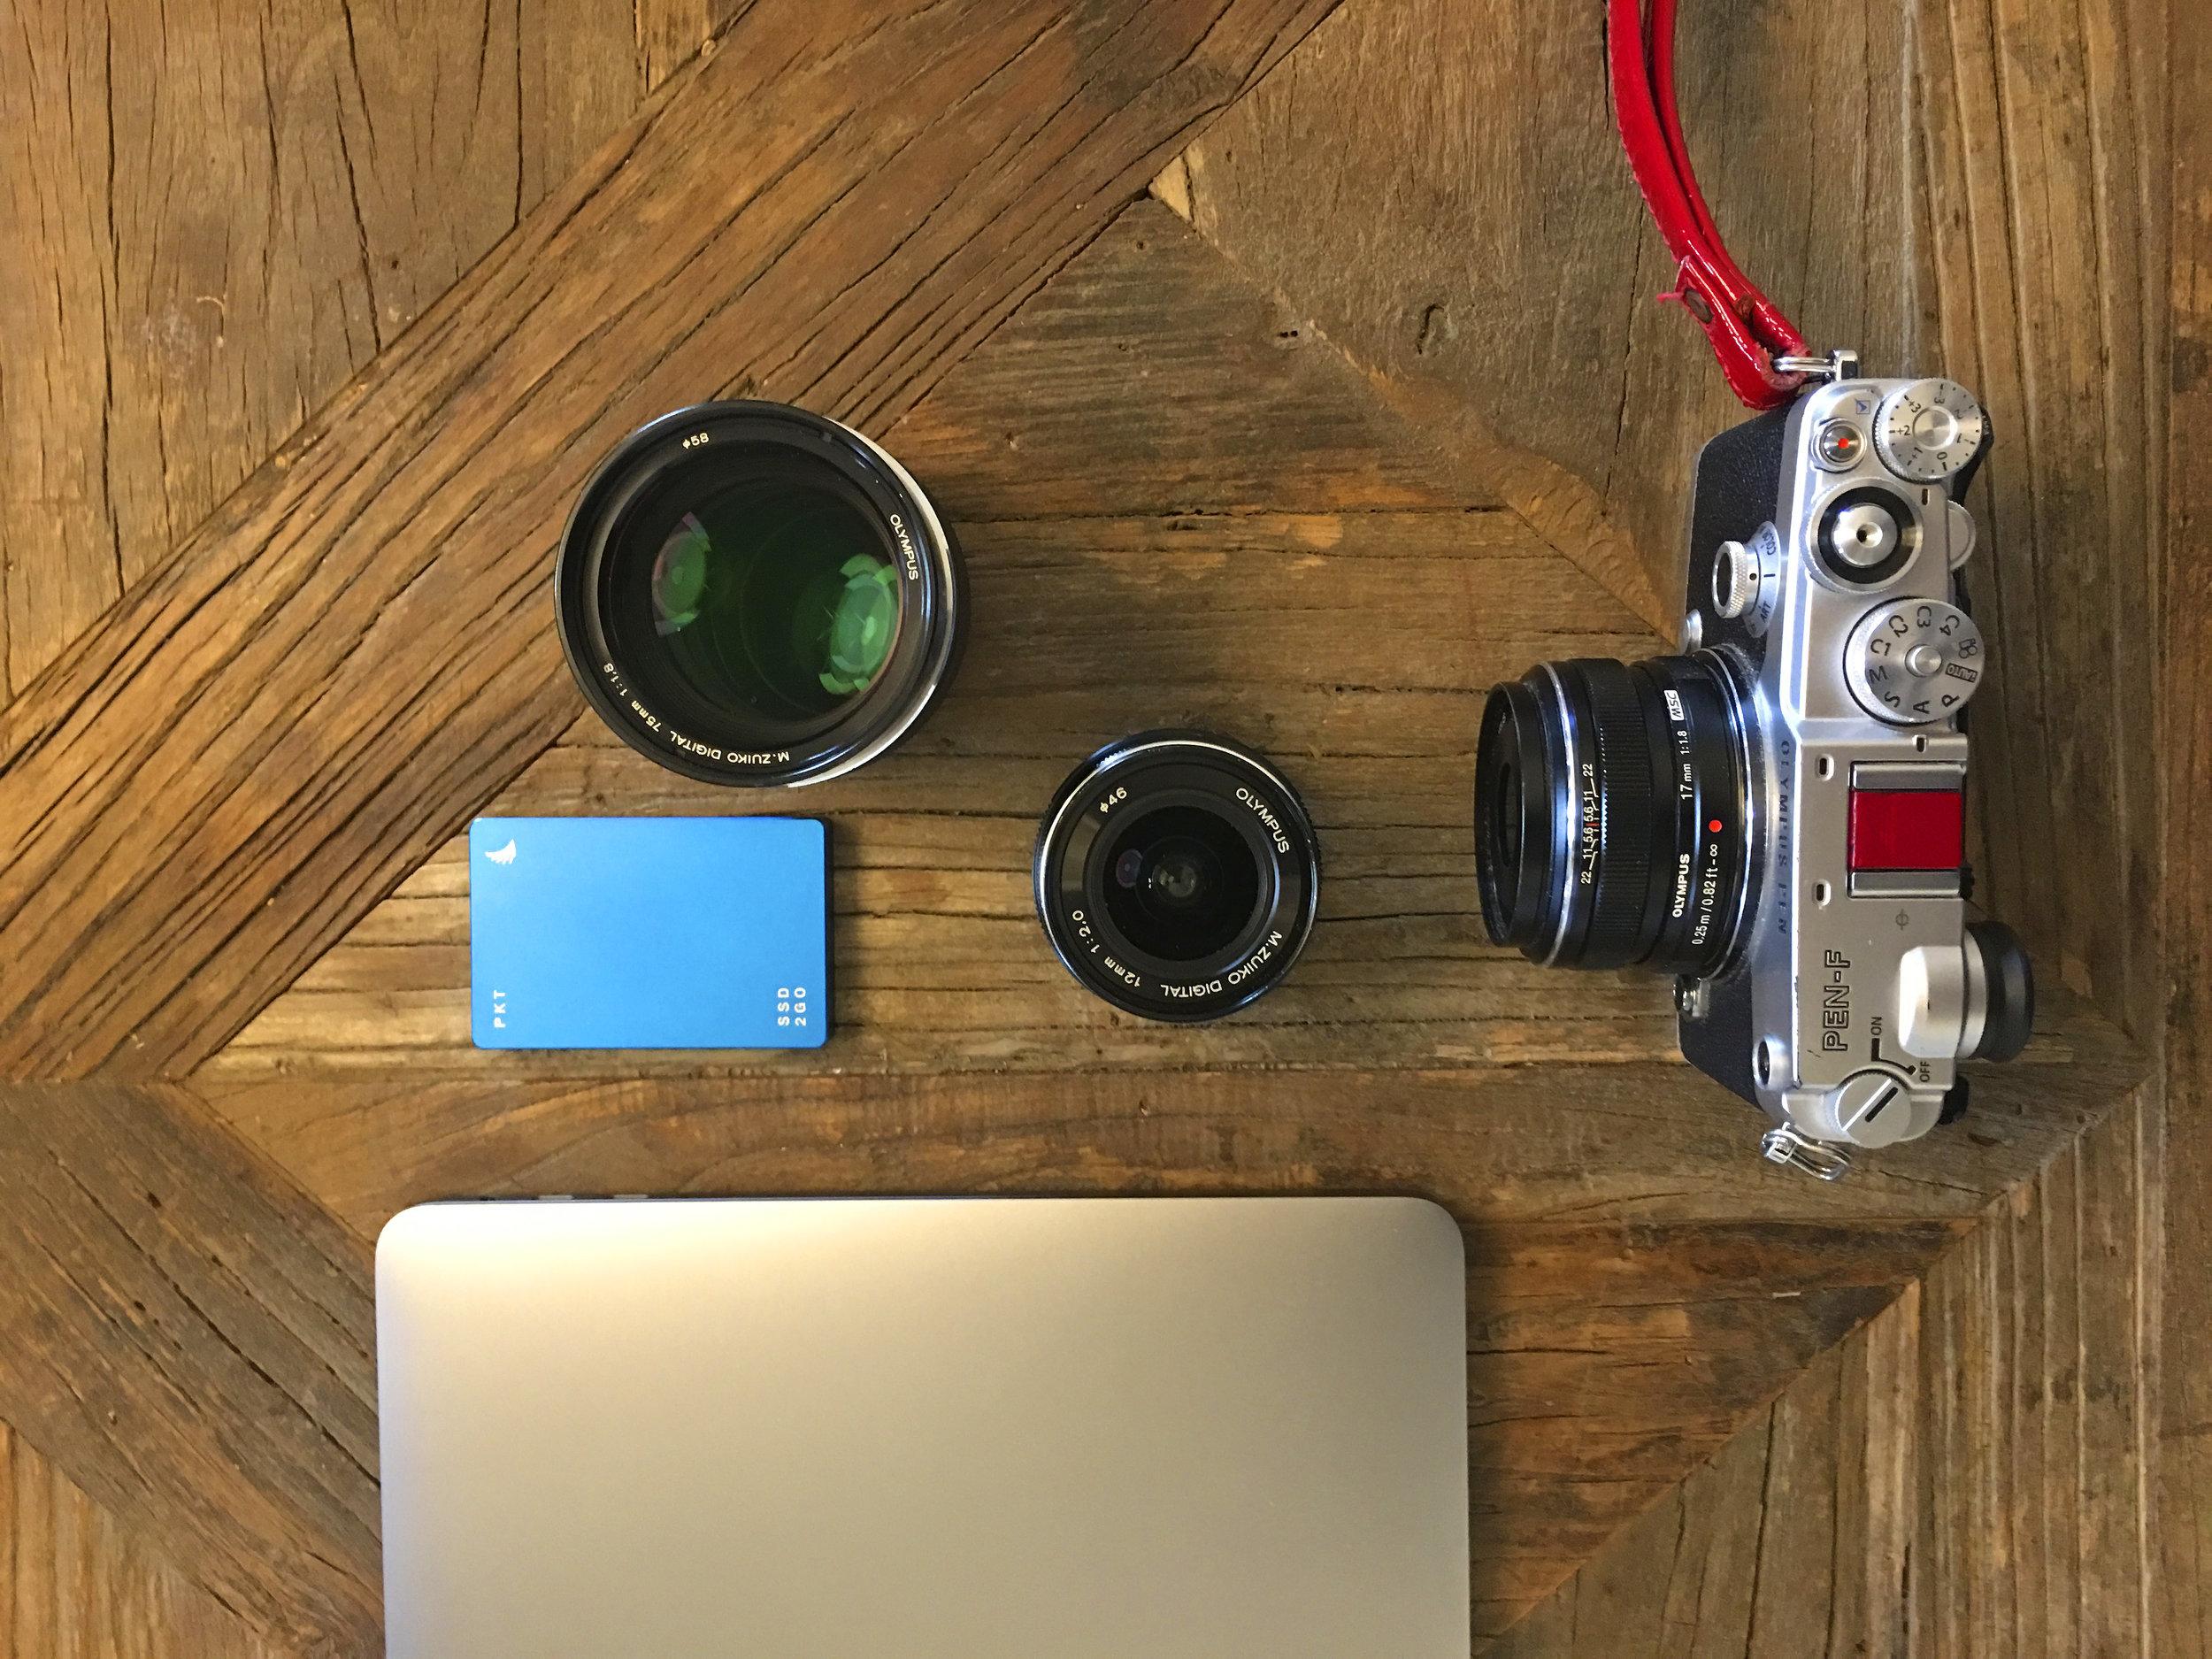 Mein kleines Standard Reisegepäck Eine Olympus Pen F mit 3 lichtstarken Fixbrennweiten, ein MacBook Pro und eine externe ultrakleine Festplatte.